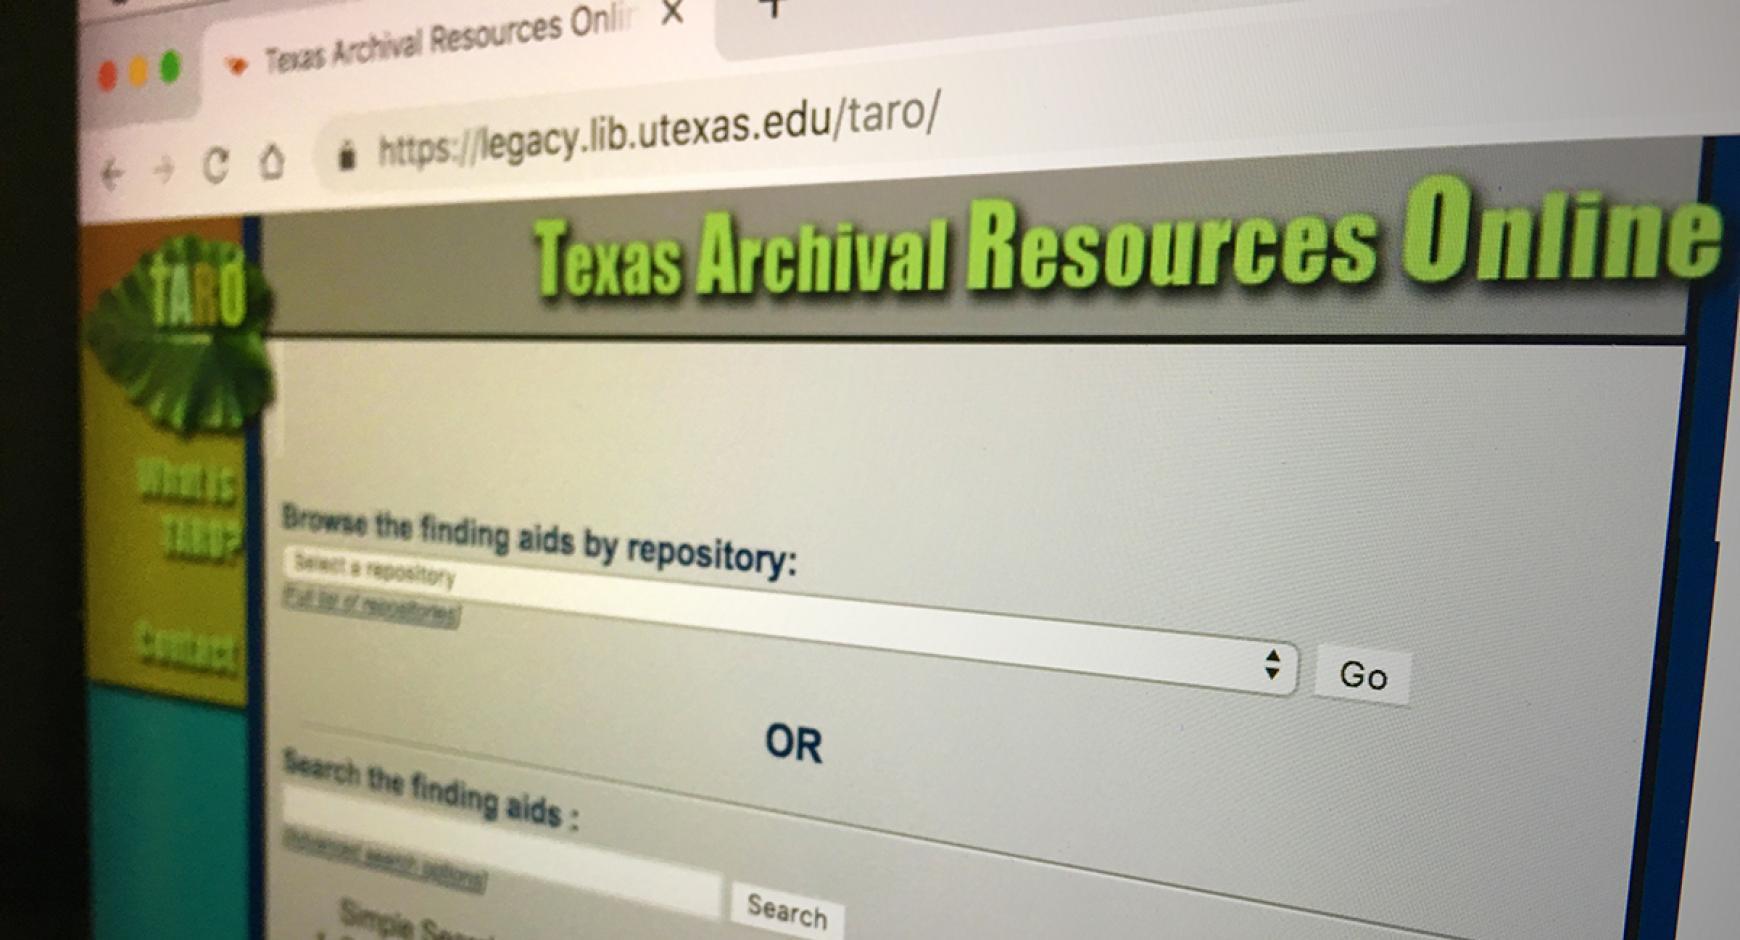 TARO Website in browser window.